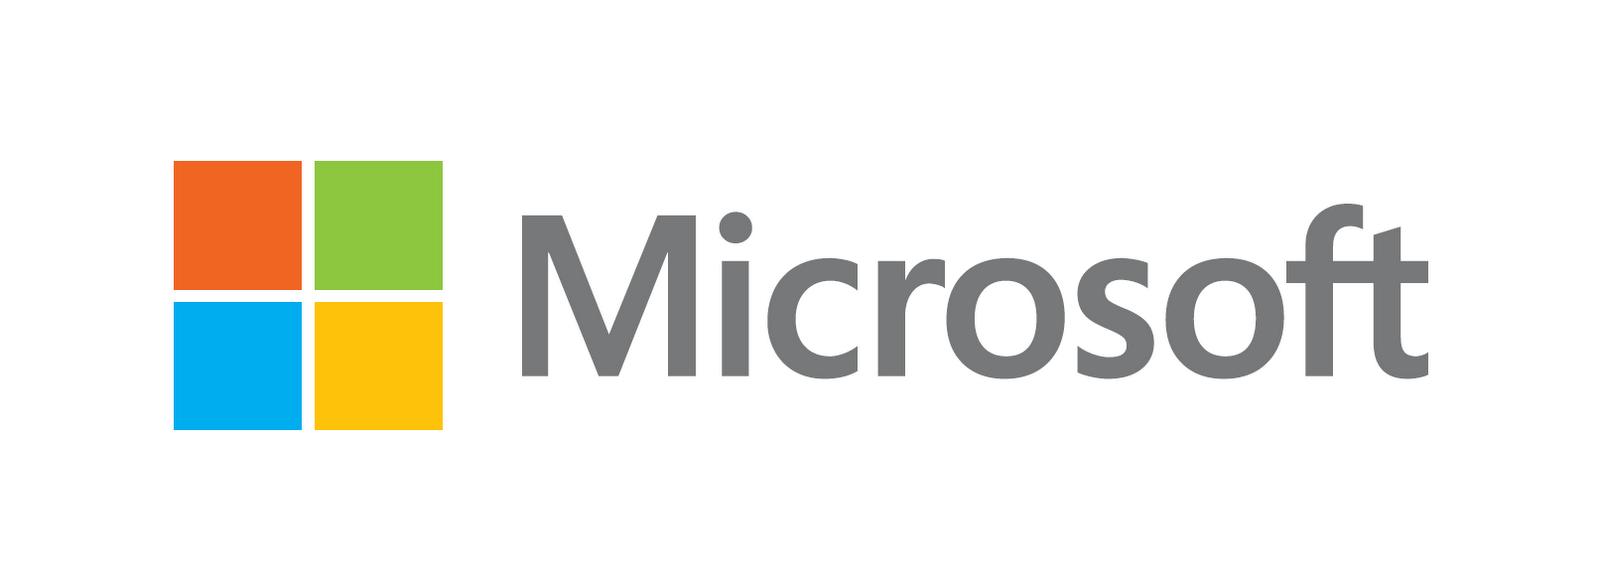 Новый логотип Майкрософта